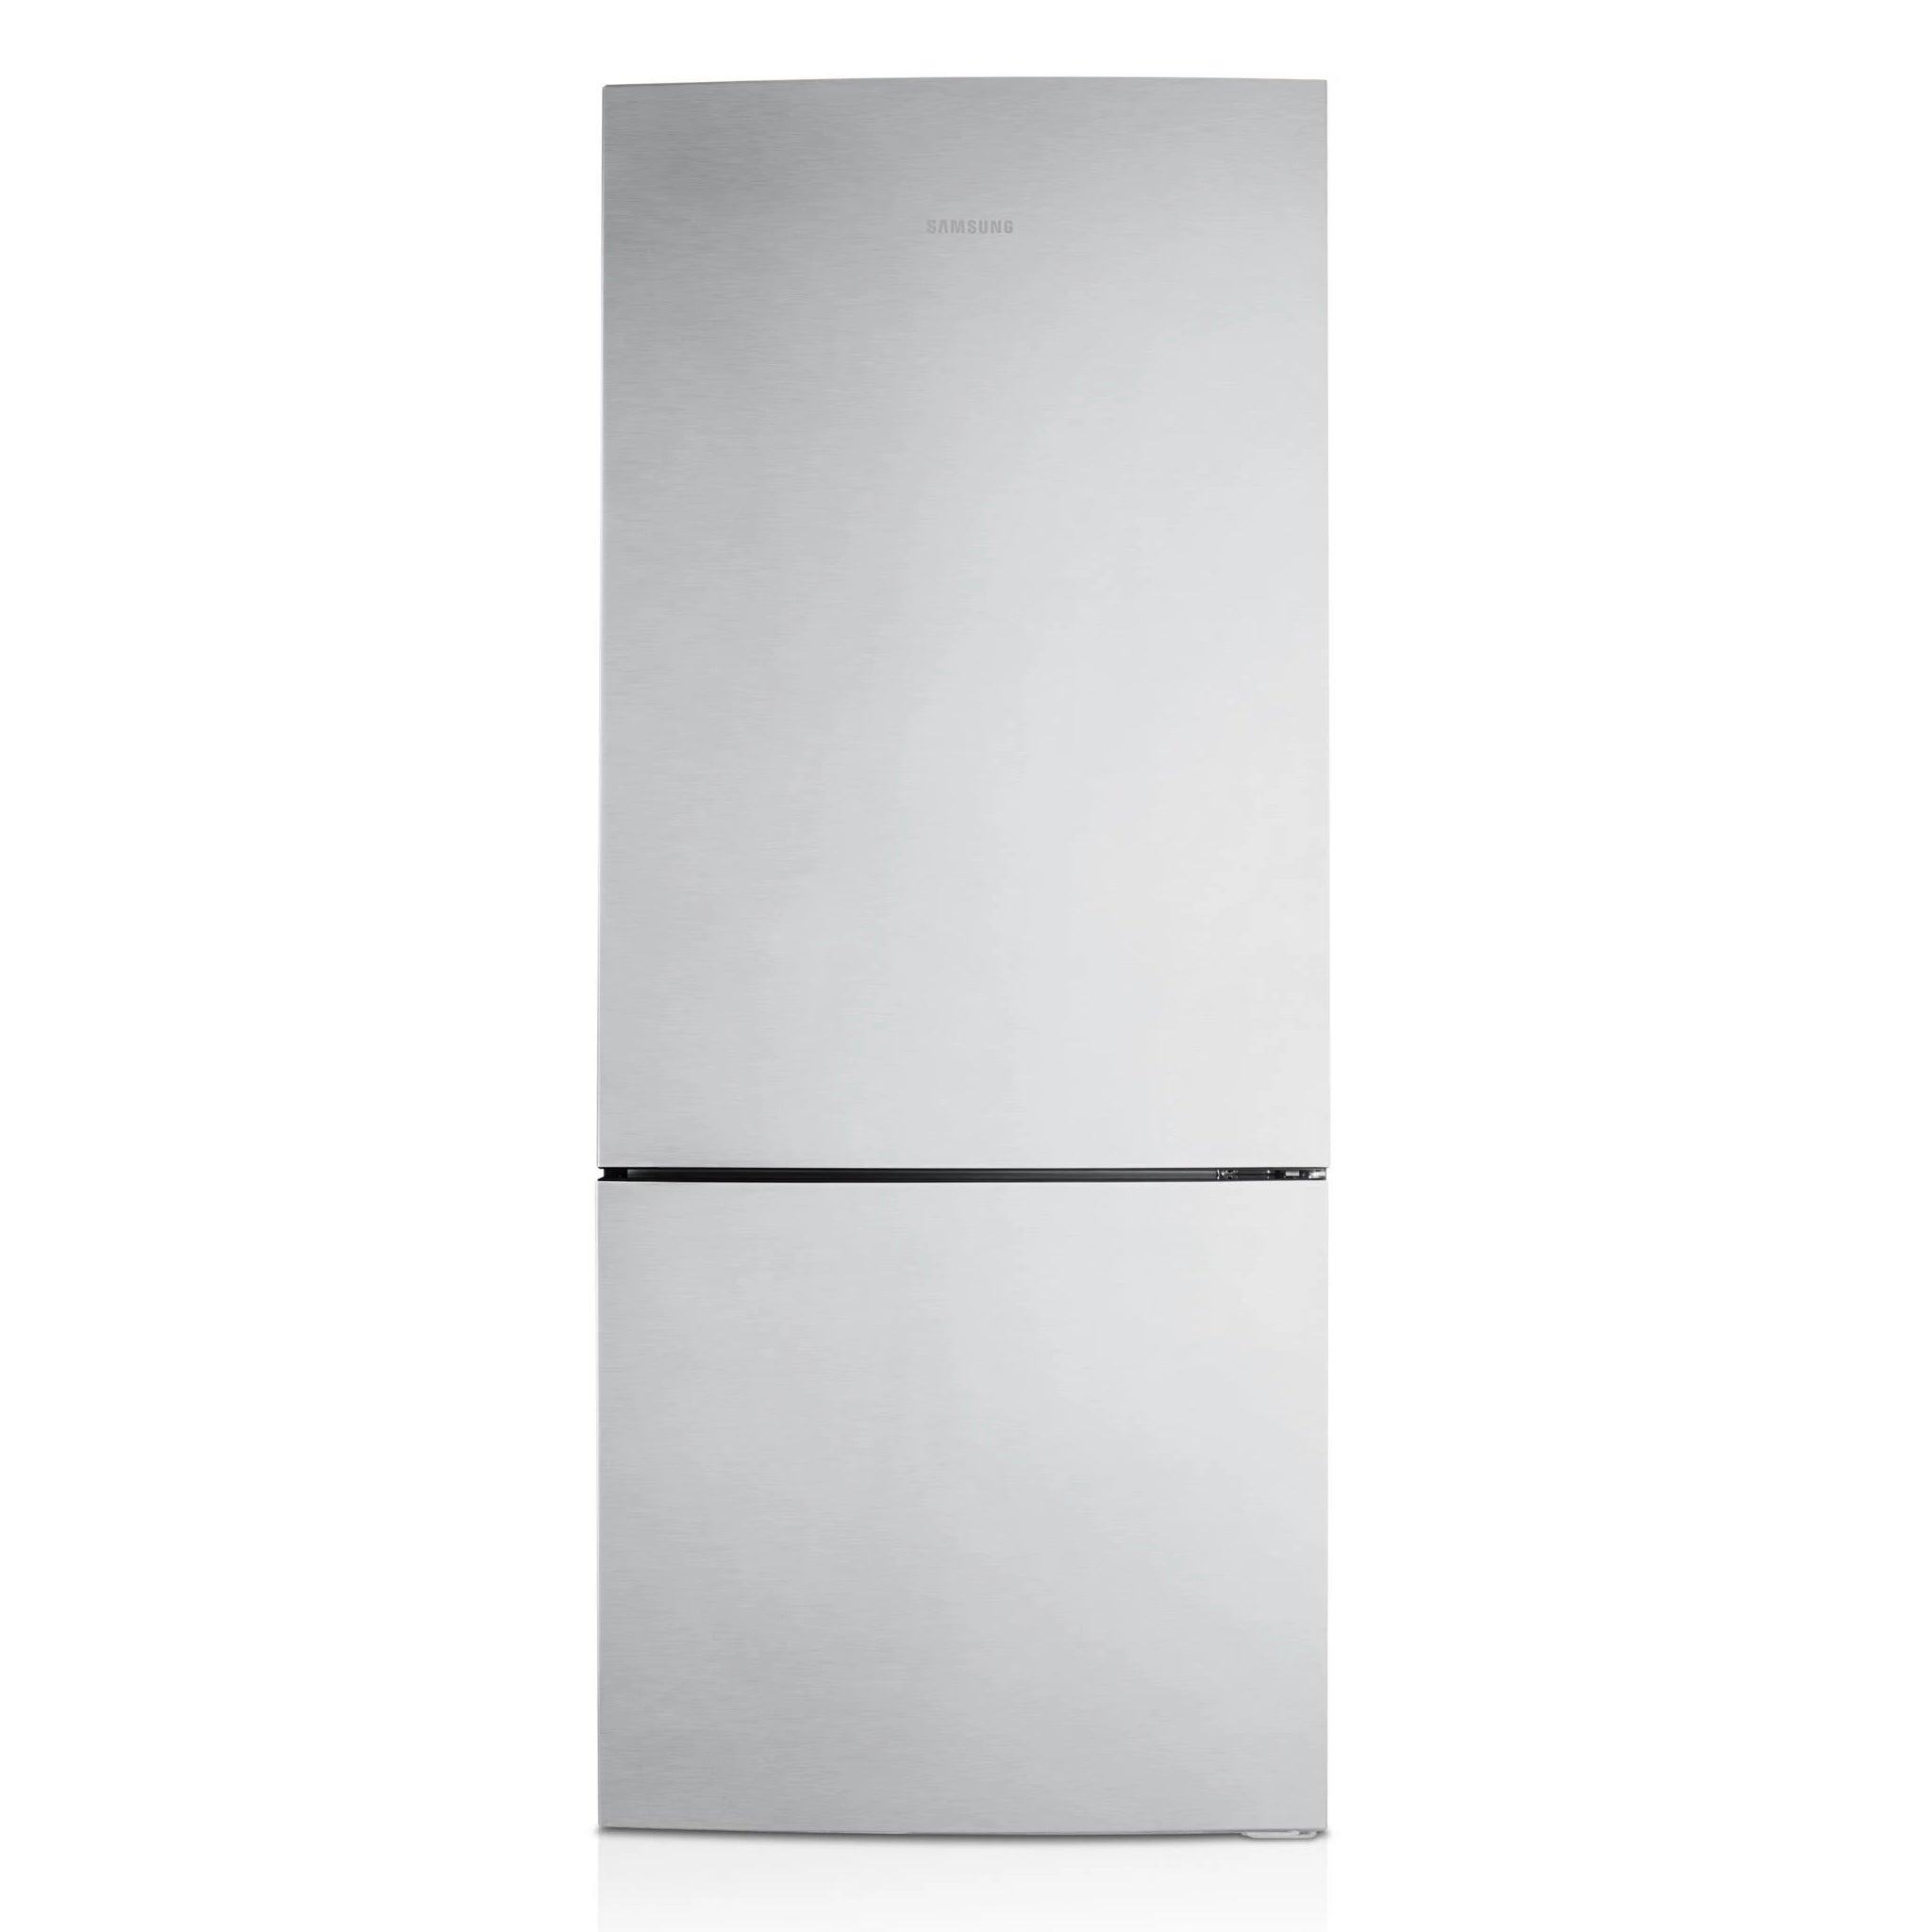 Samsung SRL456LS Refrigerator